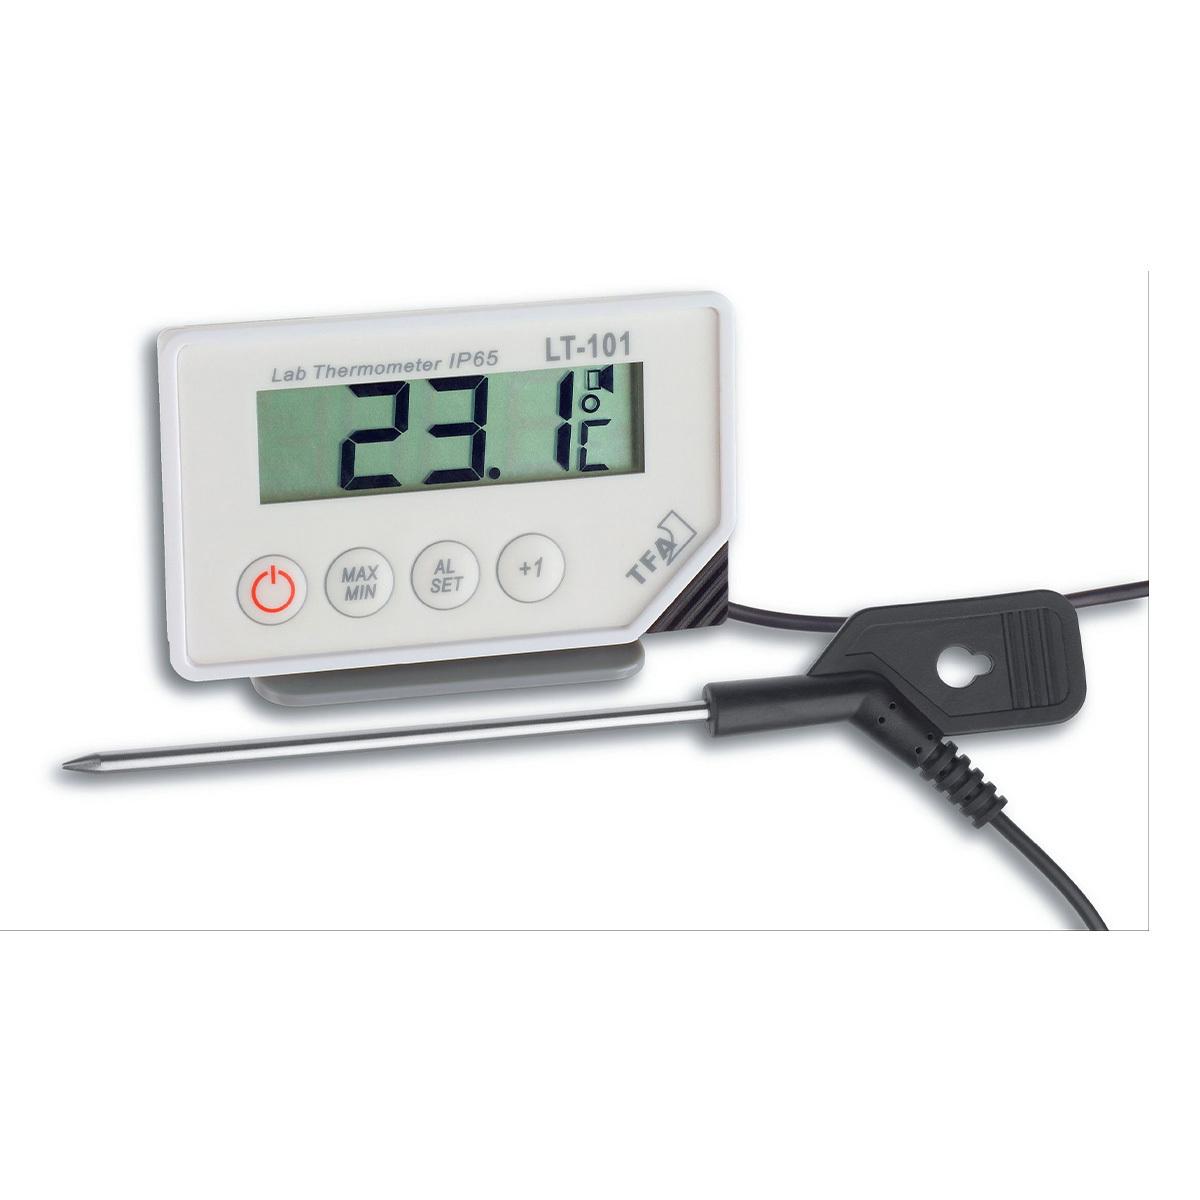 30-1033-profi-digitalthermometer-mit-einstichfühler-lt-101-1200x1200px.jpg